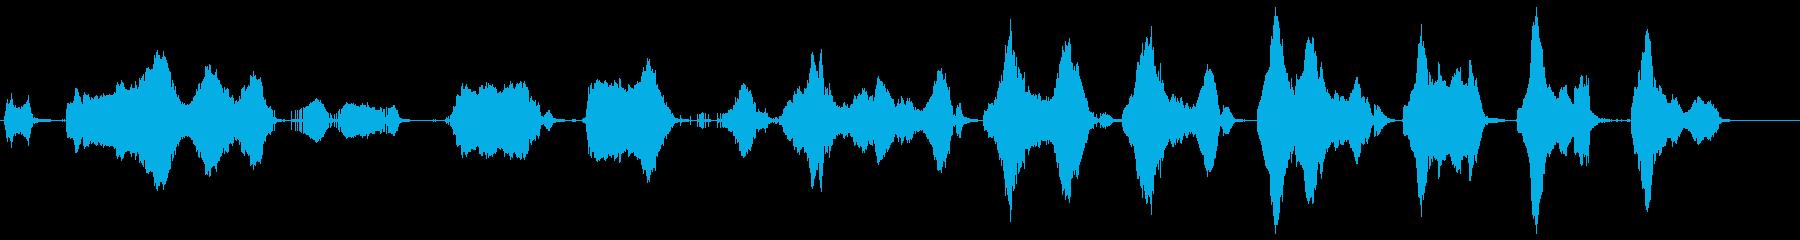 赤ちゃんの泣き言の再生済みの波形